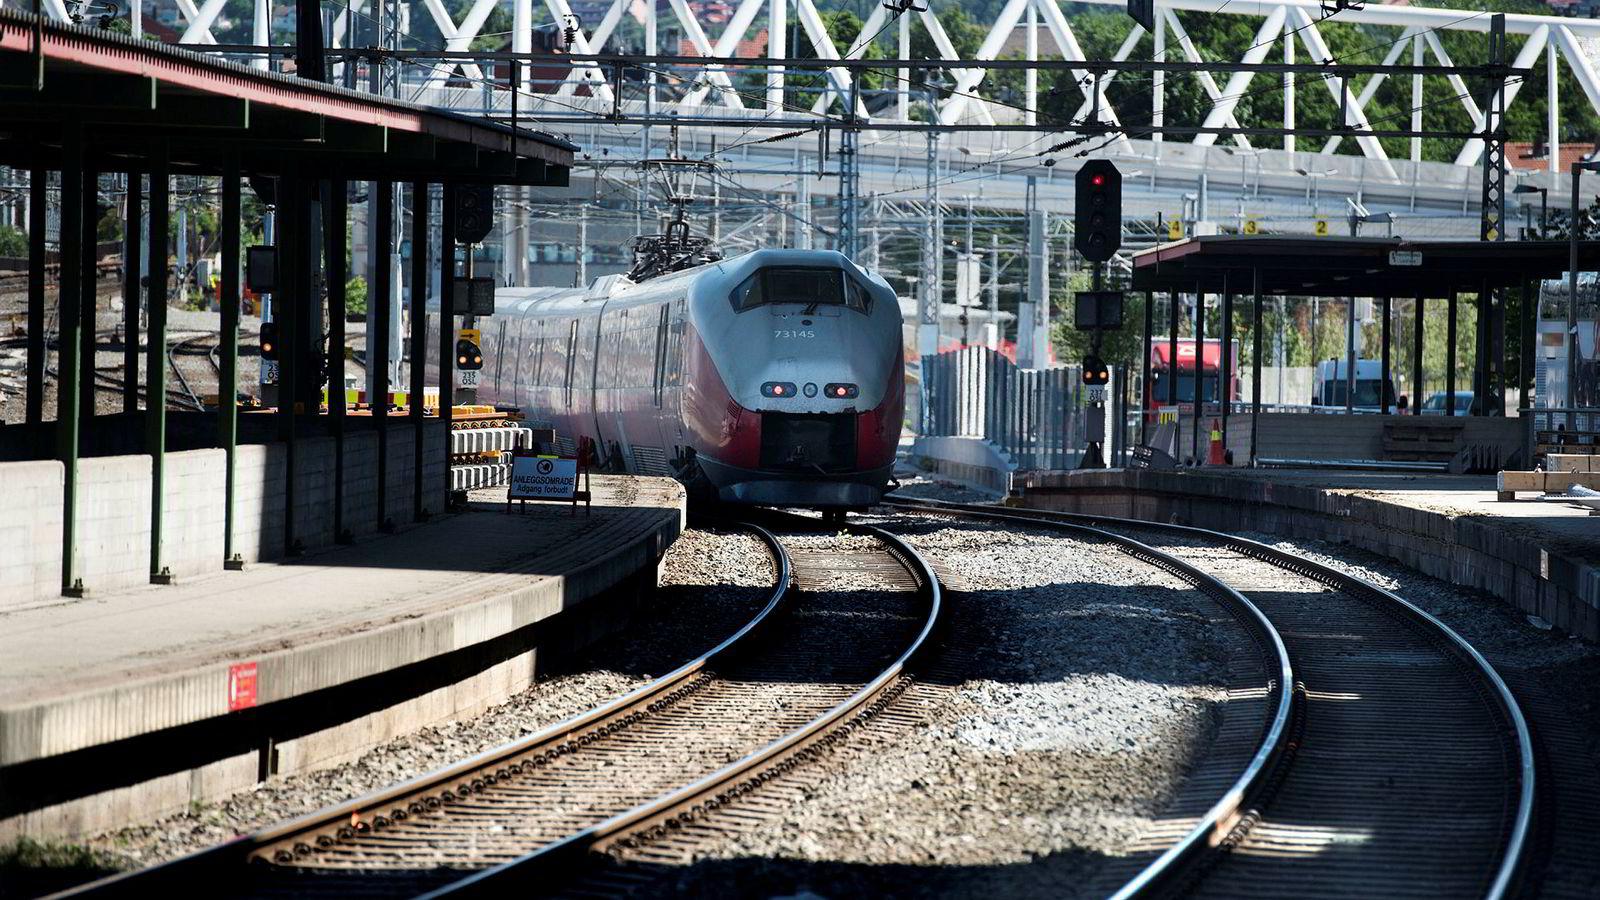 Regjeringen vil bevilge til sammen 27 milliarder kroner til ulike jernbaneprosjekter i statsbudsjettet for 2019.